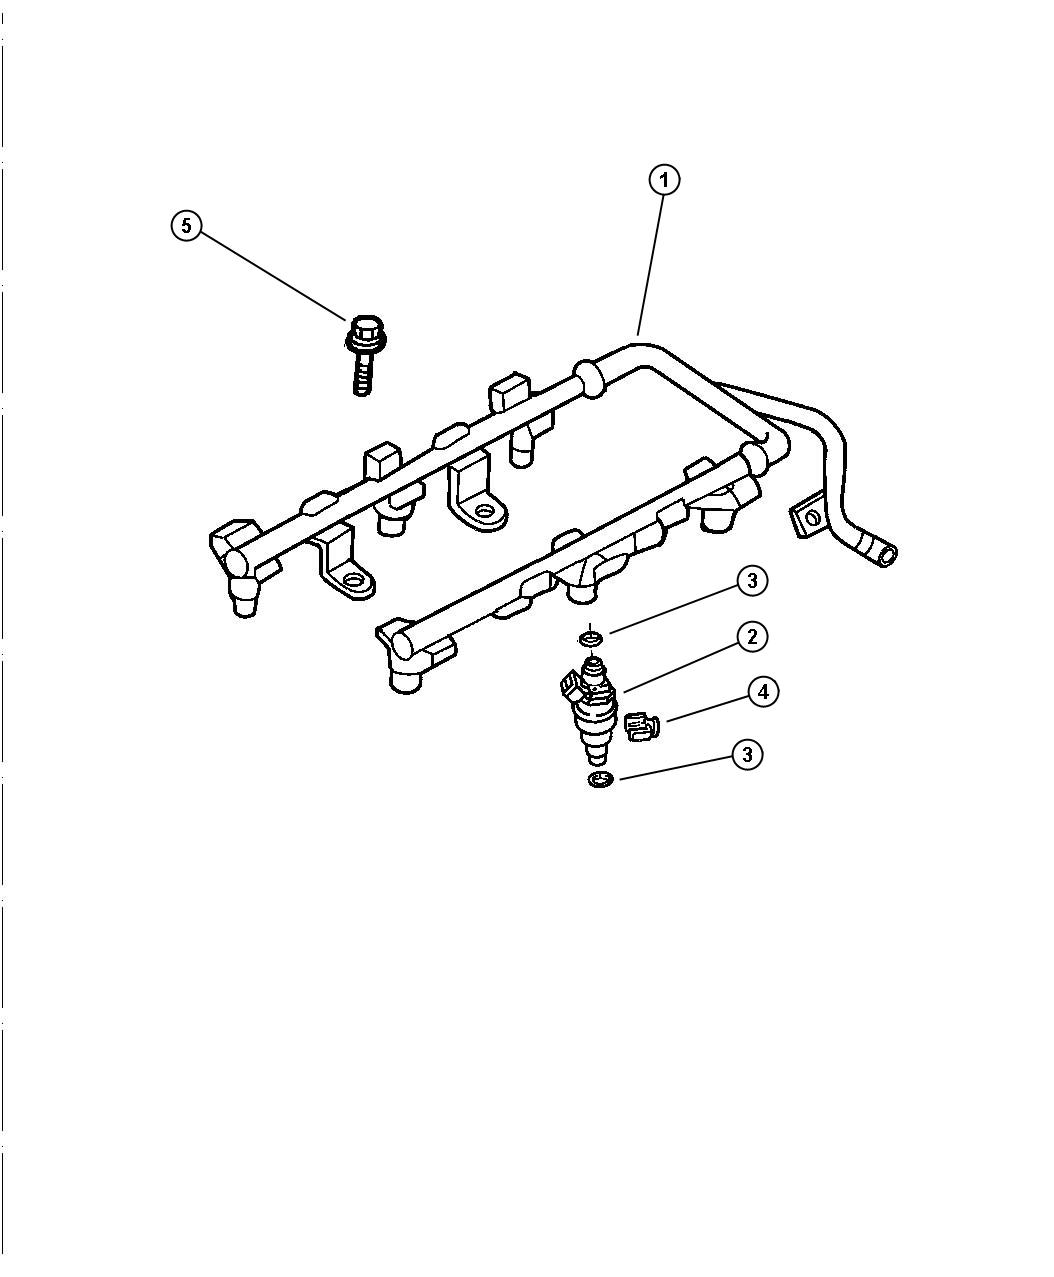 2002 Dodge Dakota Pcm Wiring Diagram - Wiring Diagram